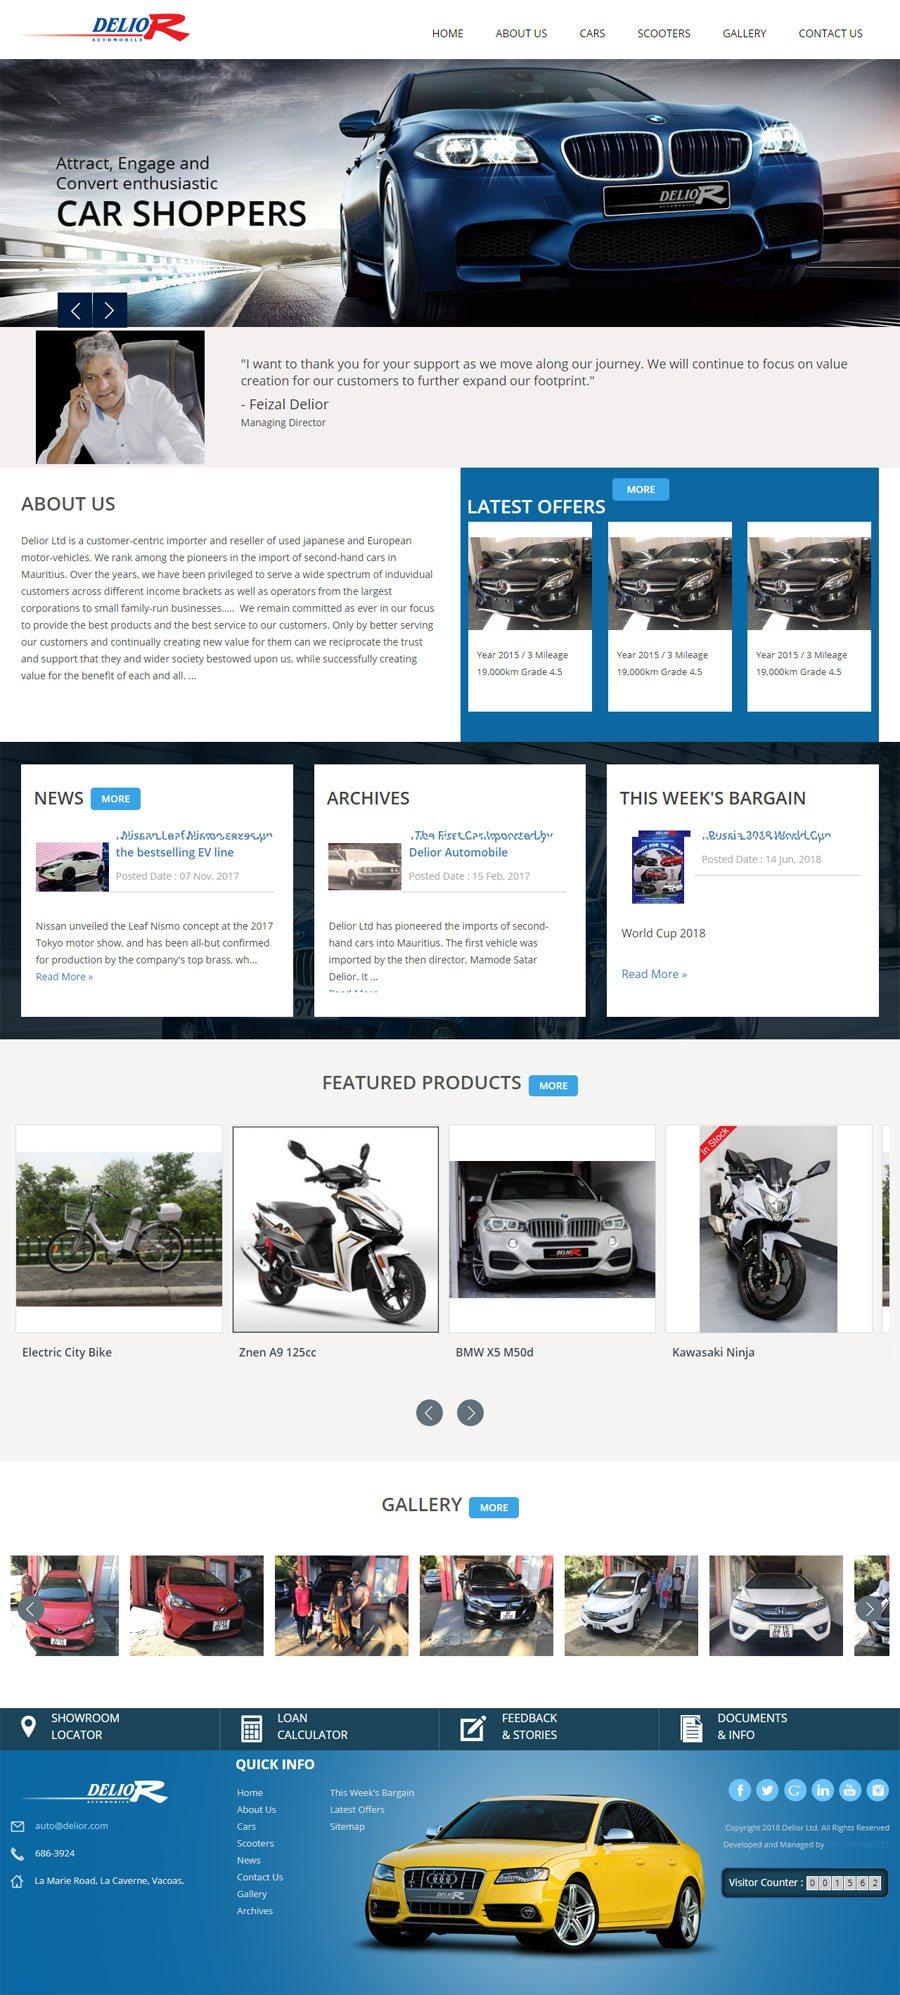 Delior Ltd  Mauritius Web Design